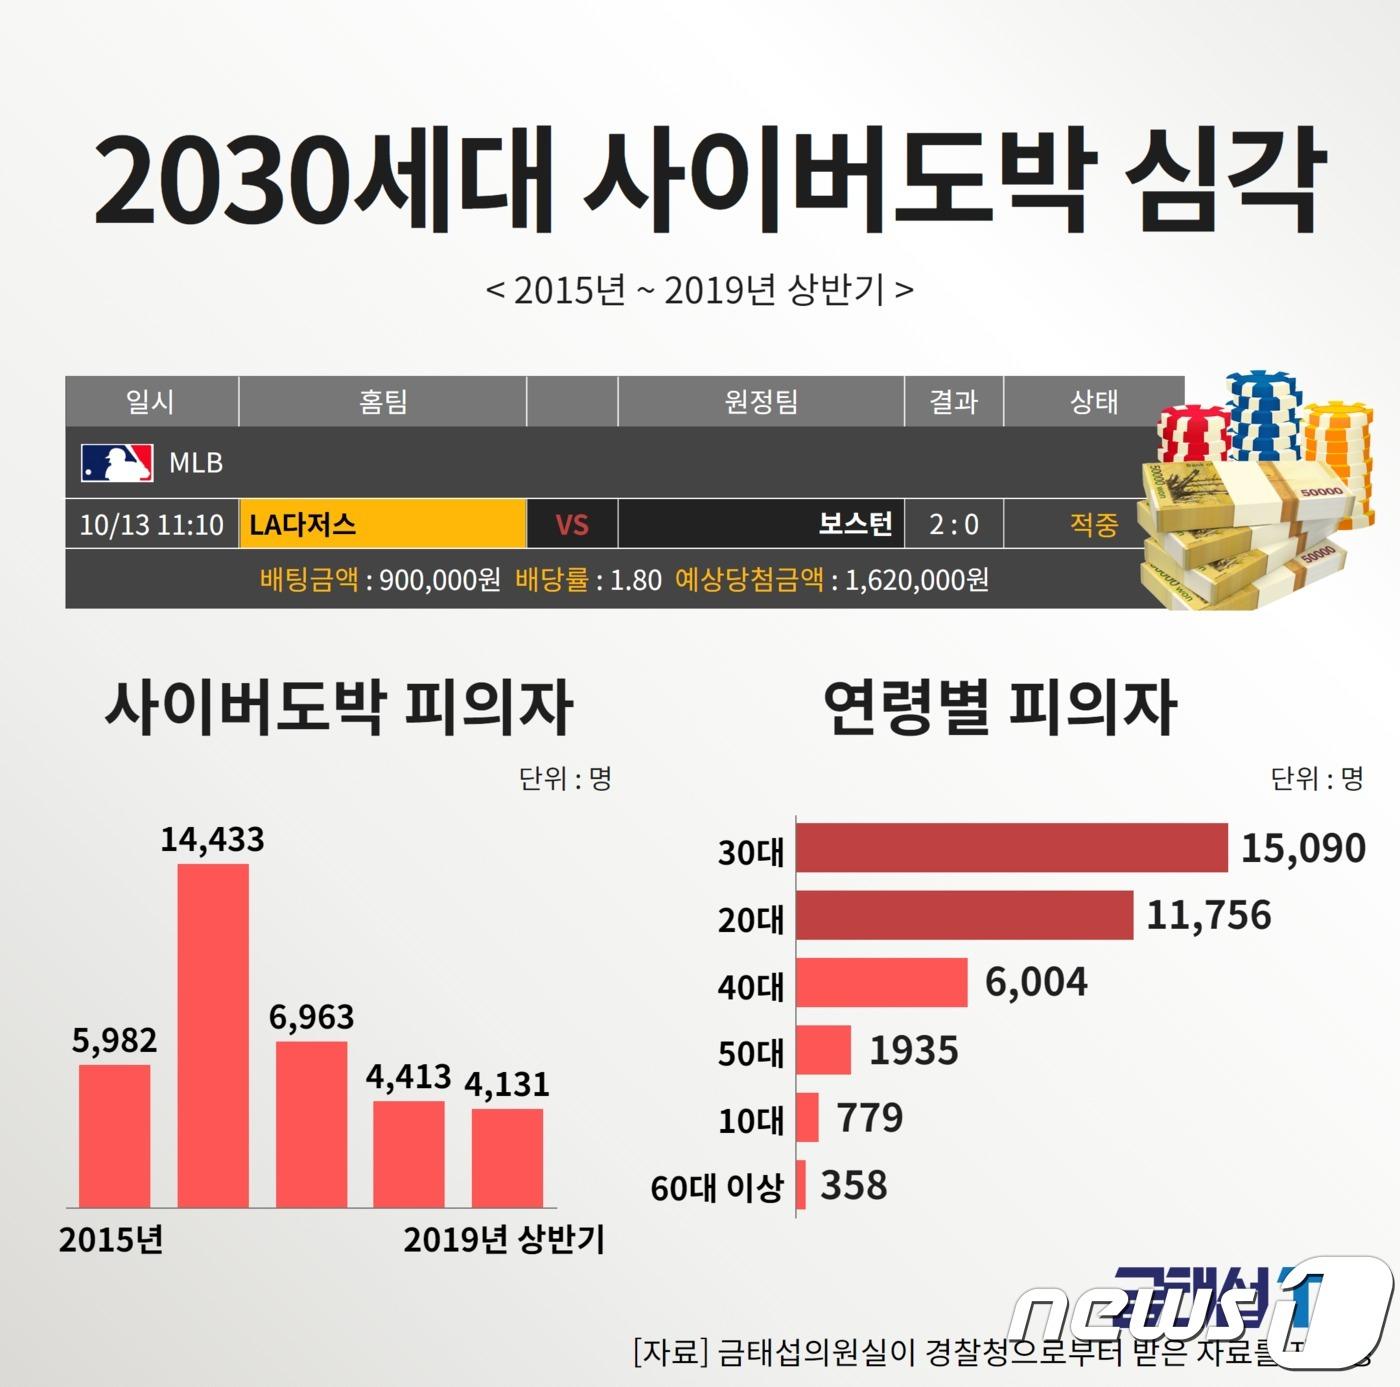 [국감브리핑] 사이버도박 피의자 4명 중 3명 '2030세대'